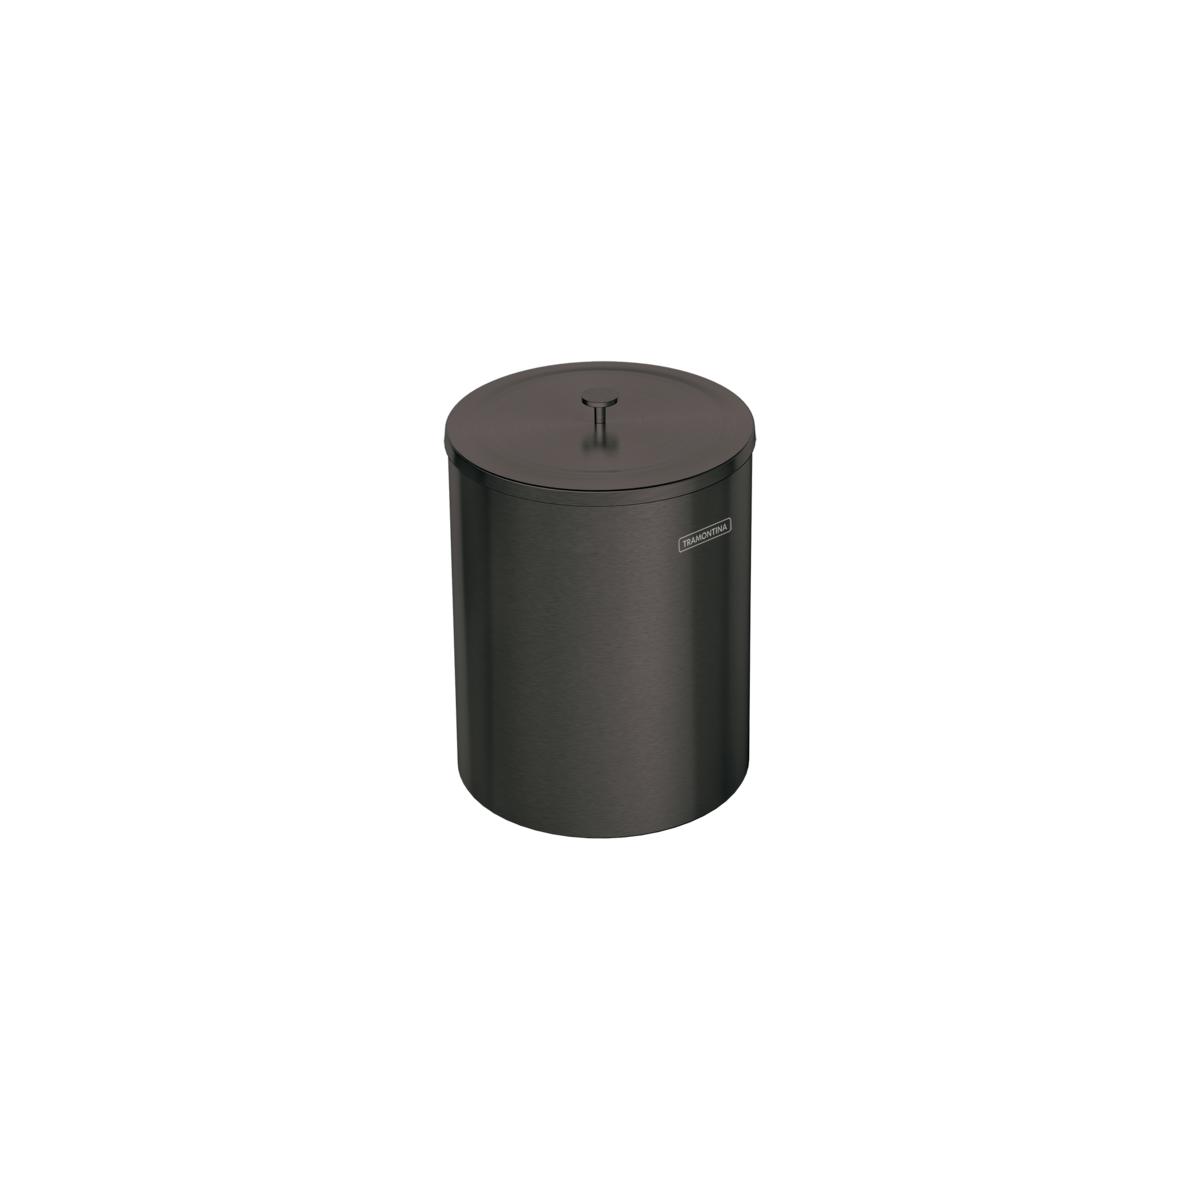 Lixeira Tramontina Útil 94540/052 em Aço Inox Scotch Brite com Revestimento a Base de Verniz Black 5L